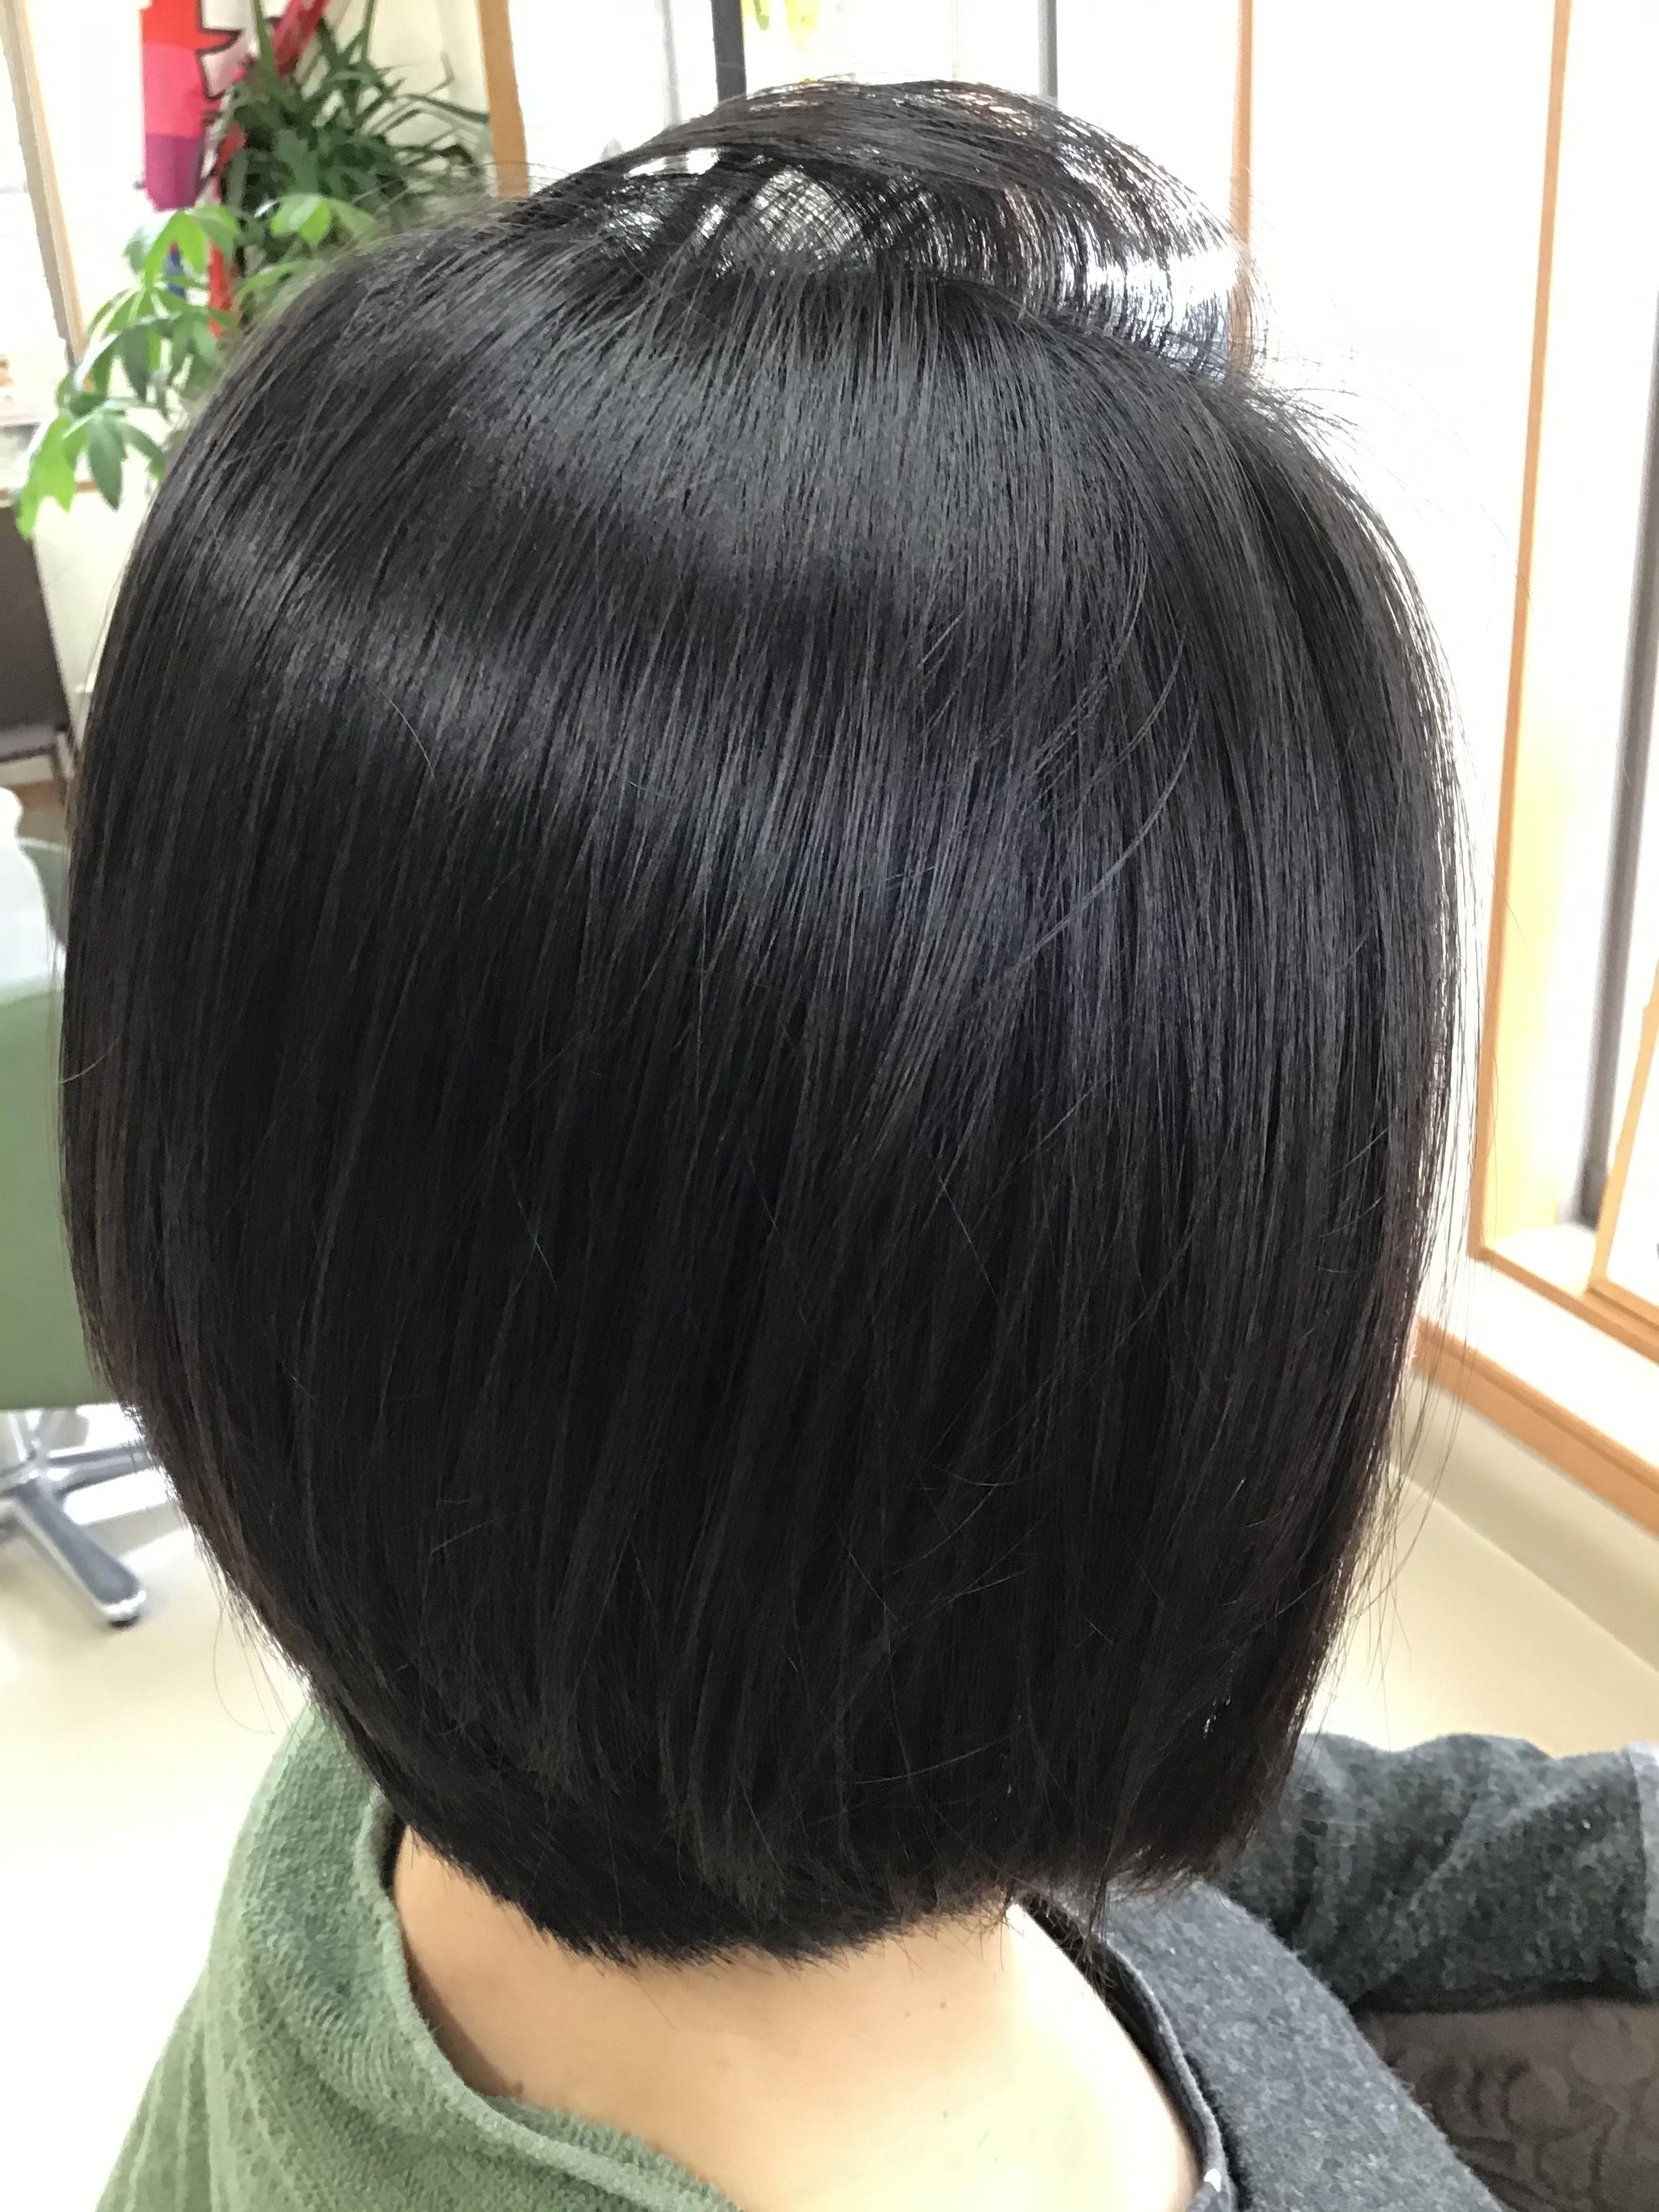 くせ毛さん!自分の髪が好きになる!